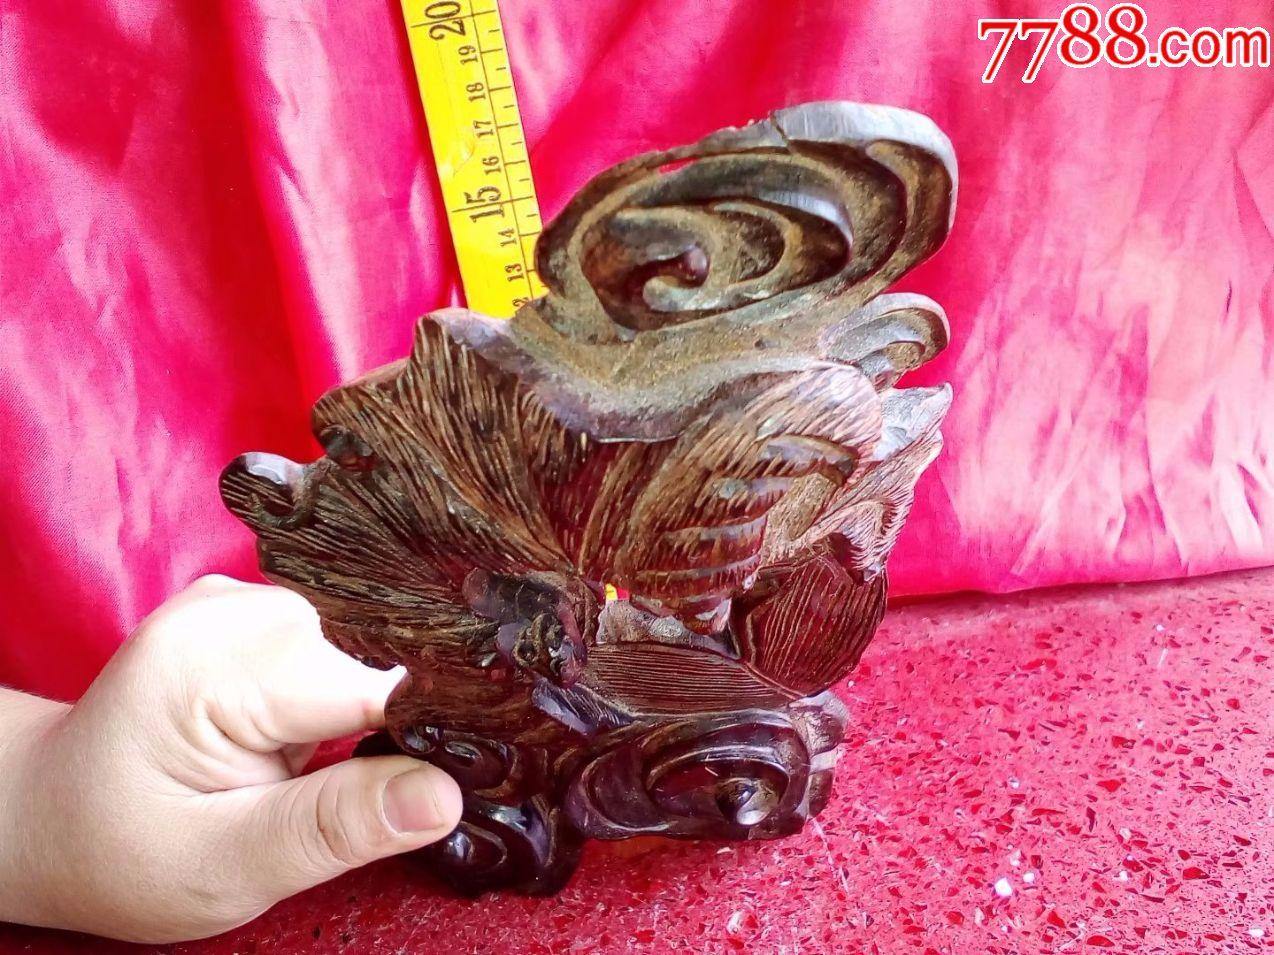 酸枝木红木,纯手工雕刻花鸟动物,两只蝙蝠在铜钱上,招